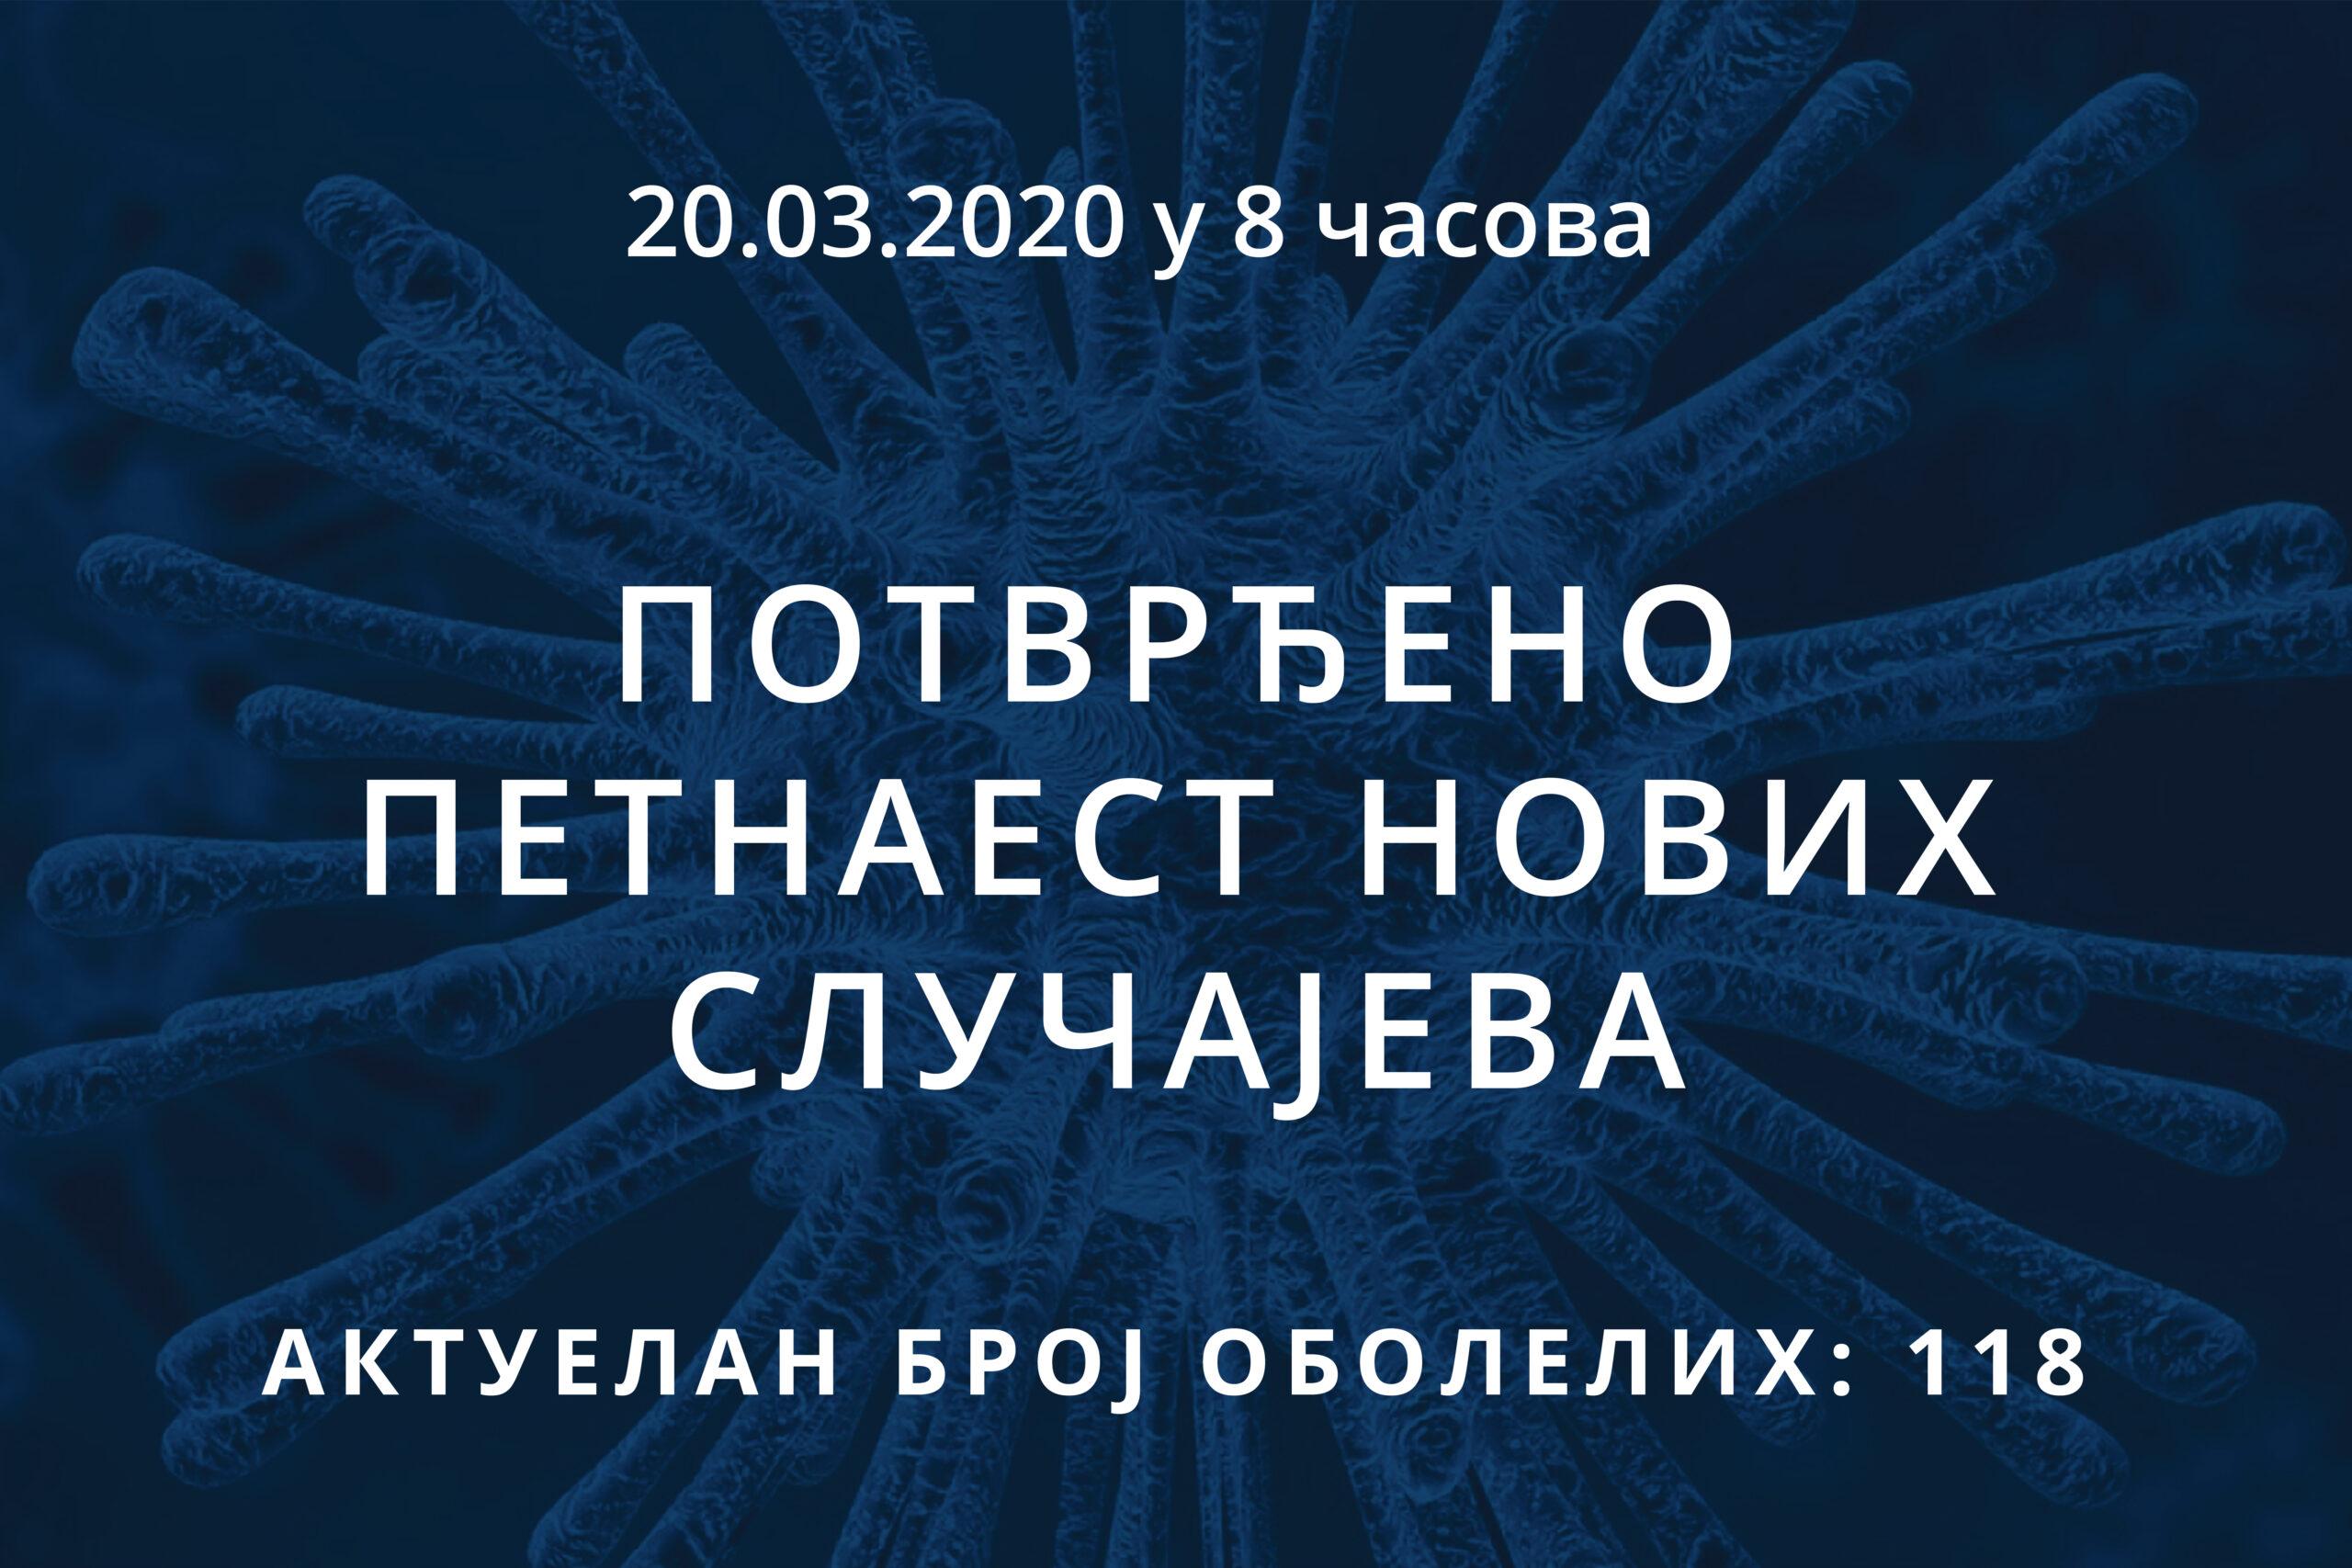 Информације о корона вирусу COVID-19, 20.03.2020 у 8 часова